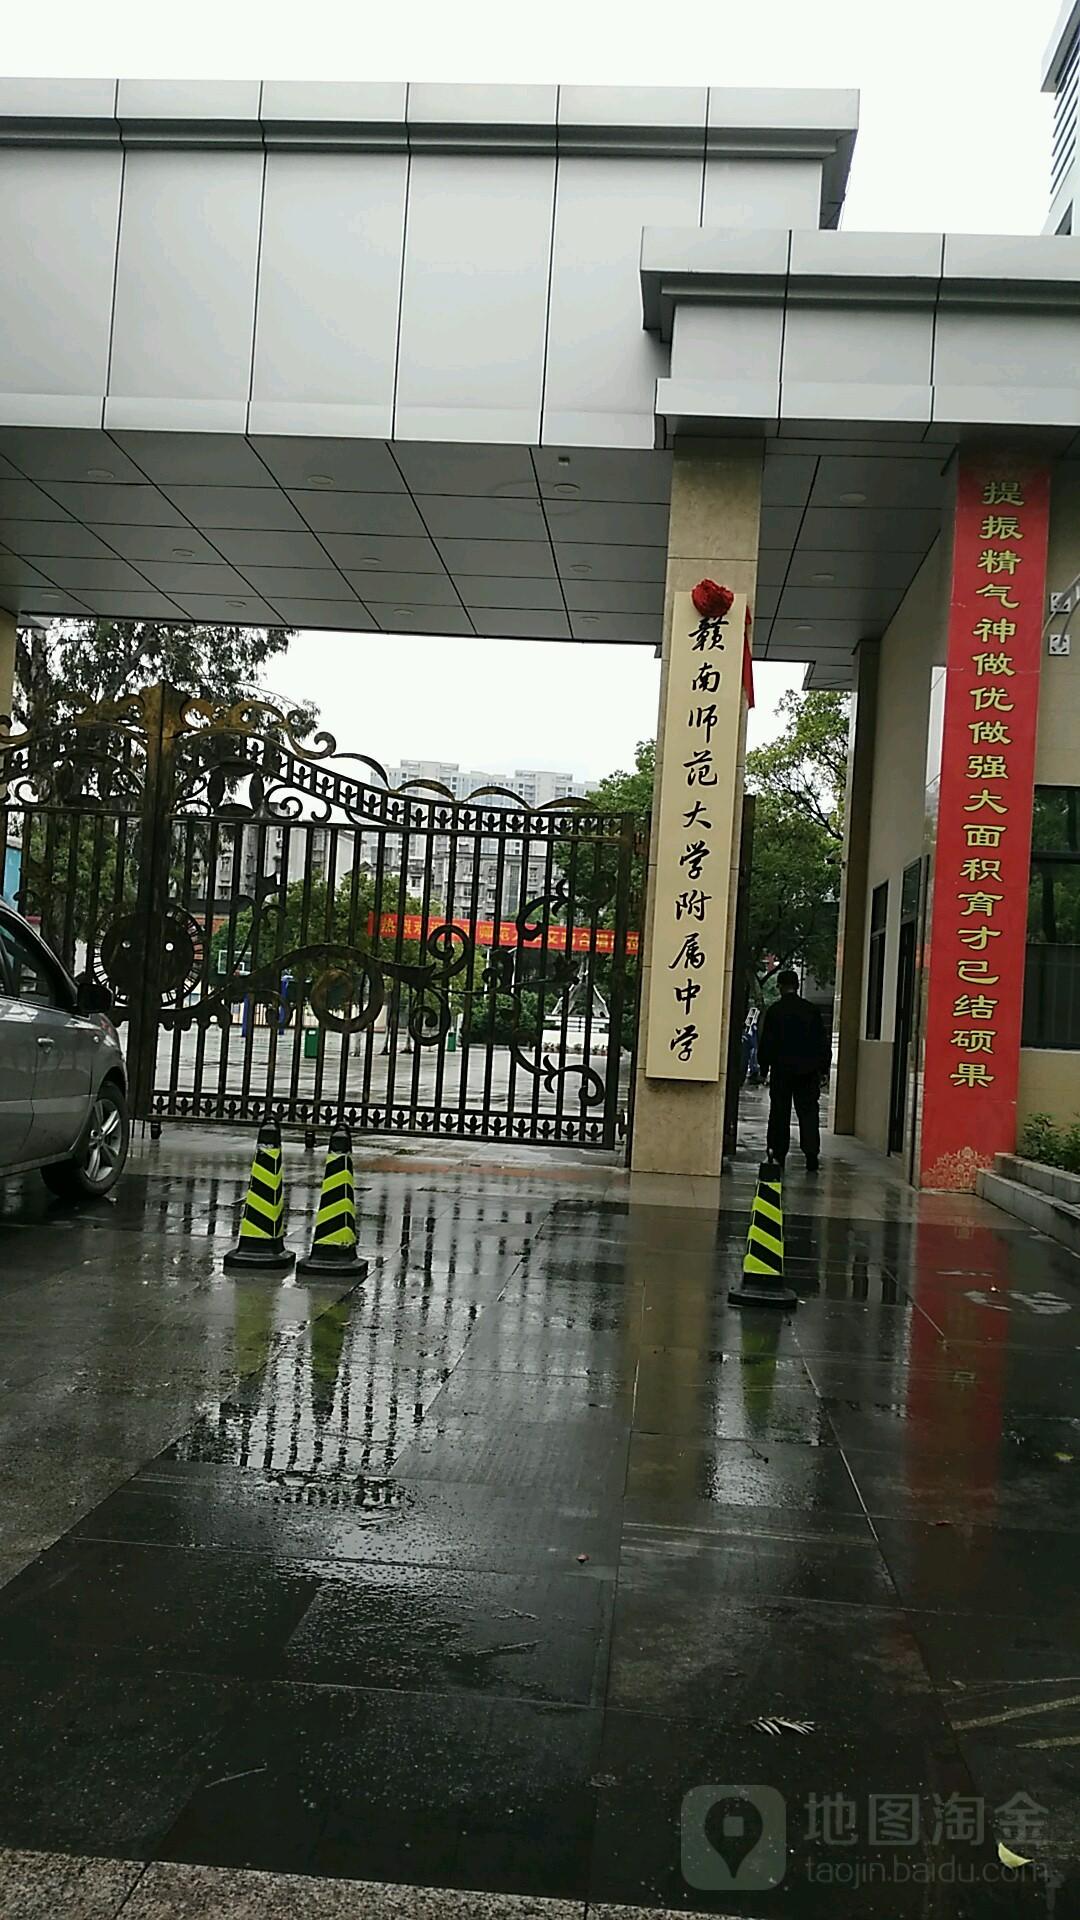 去,走):红旗师范57号大道:标签学校教育赣南中学关于初中住校图片